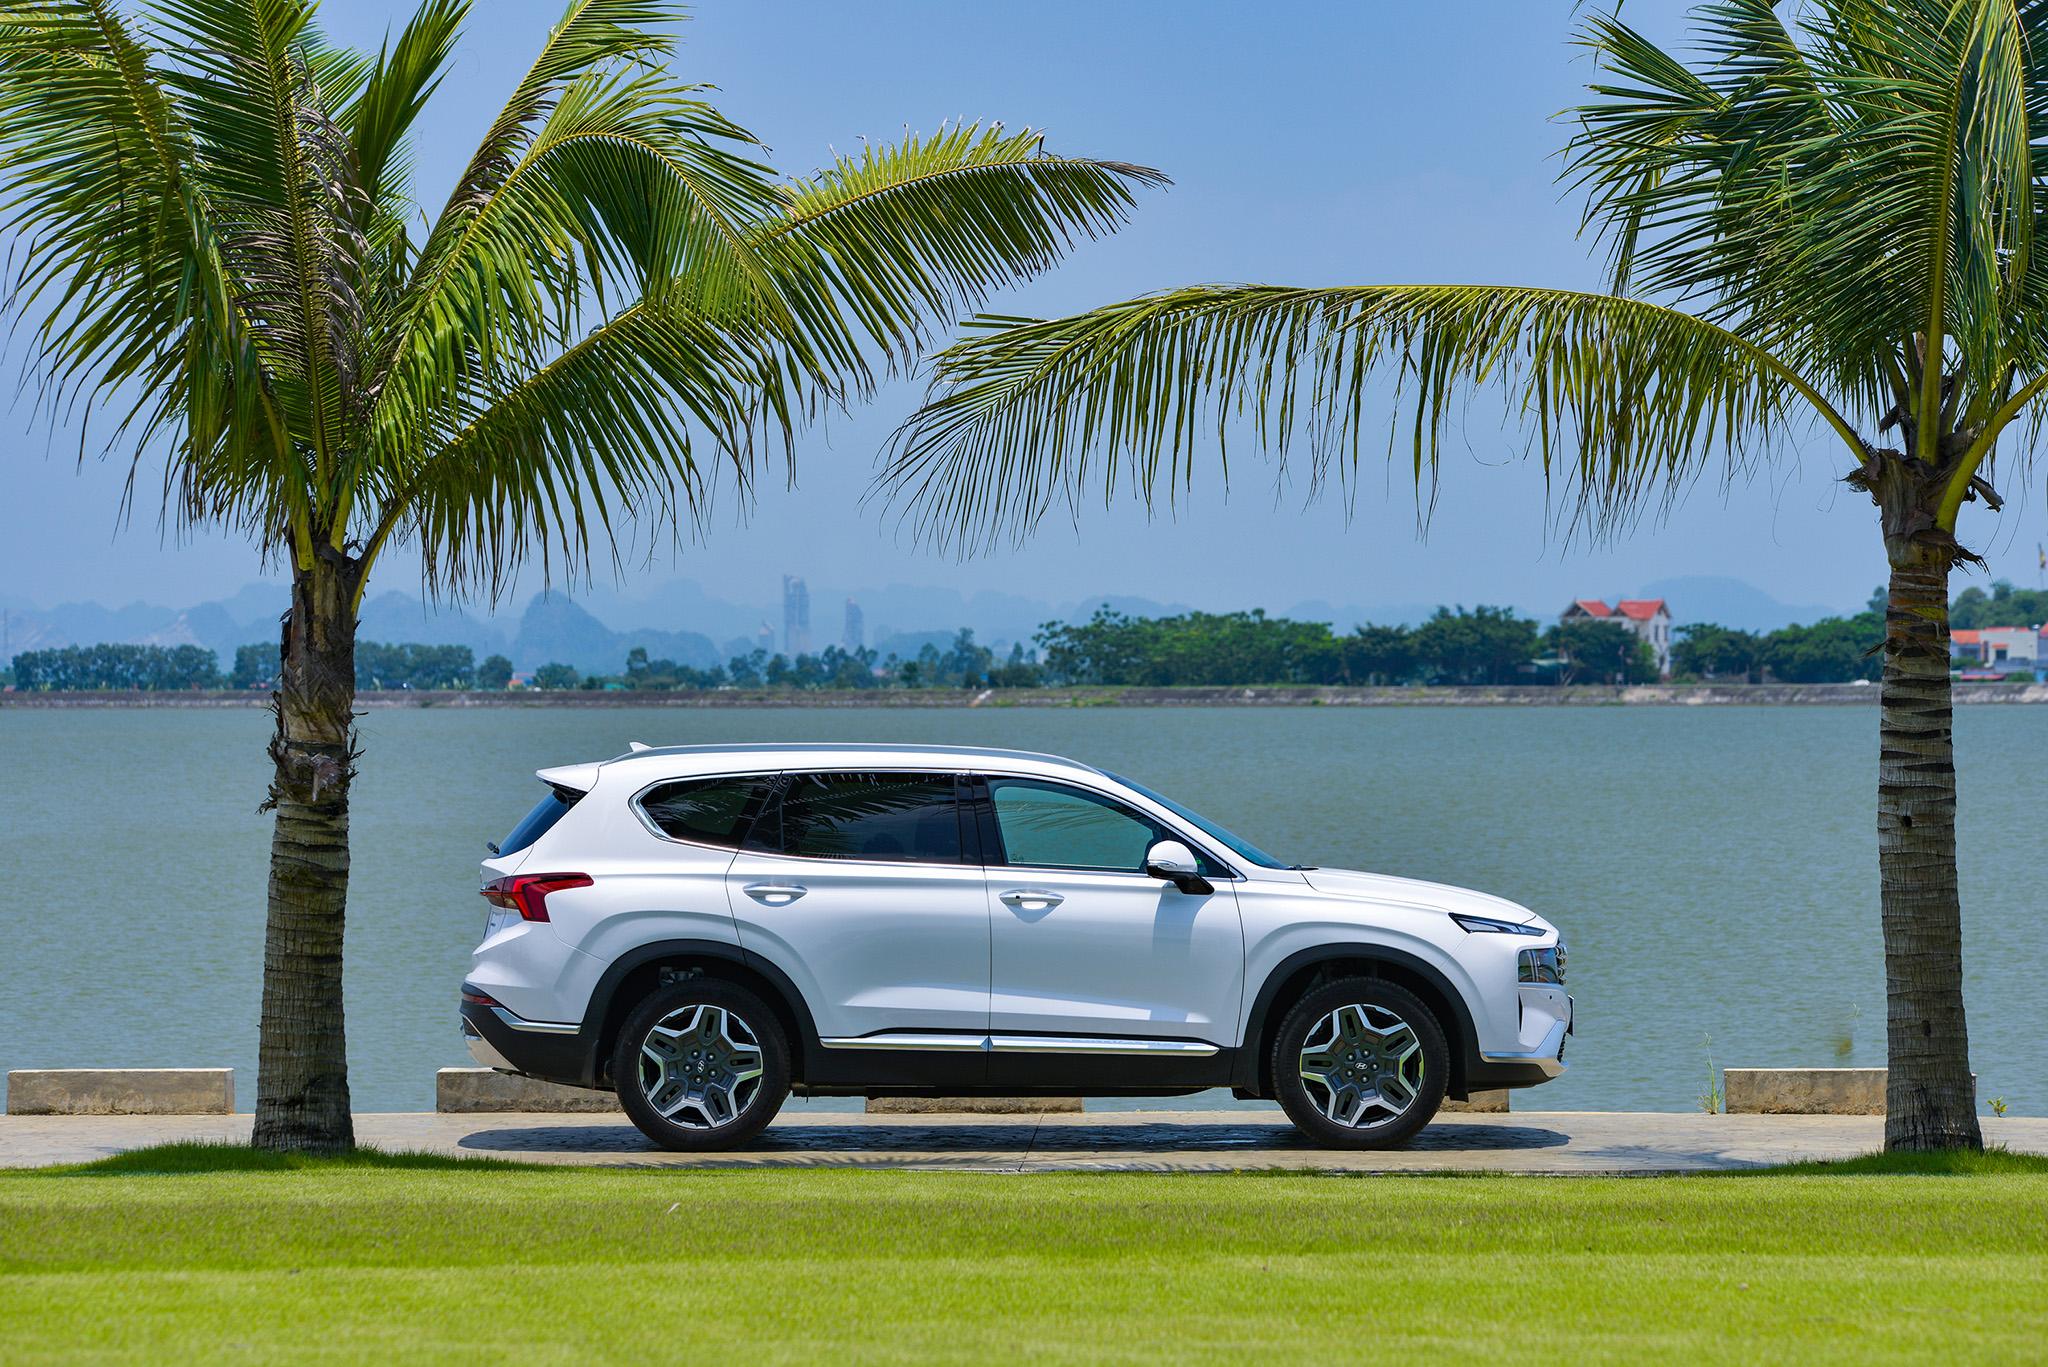 Hyundai Santa Fe 2021 chính thức ra mắt tại Việt Nam, giá từ 1,030 tỷ đồng hyundai-santa-fe-2021-26.jpeg